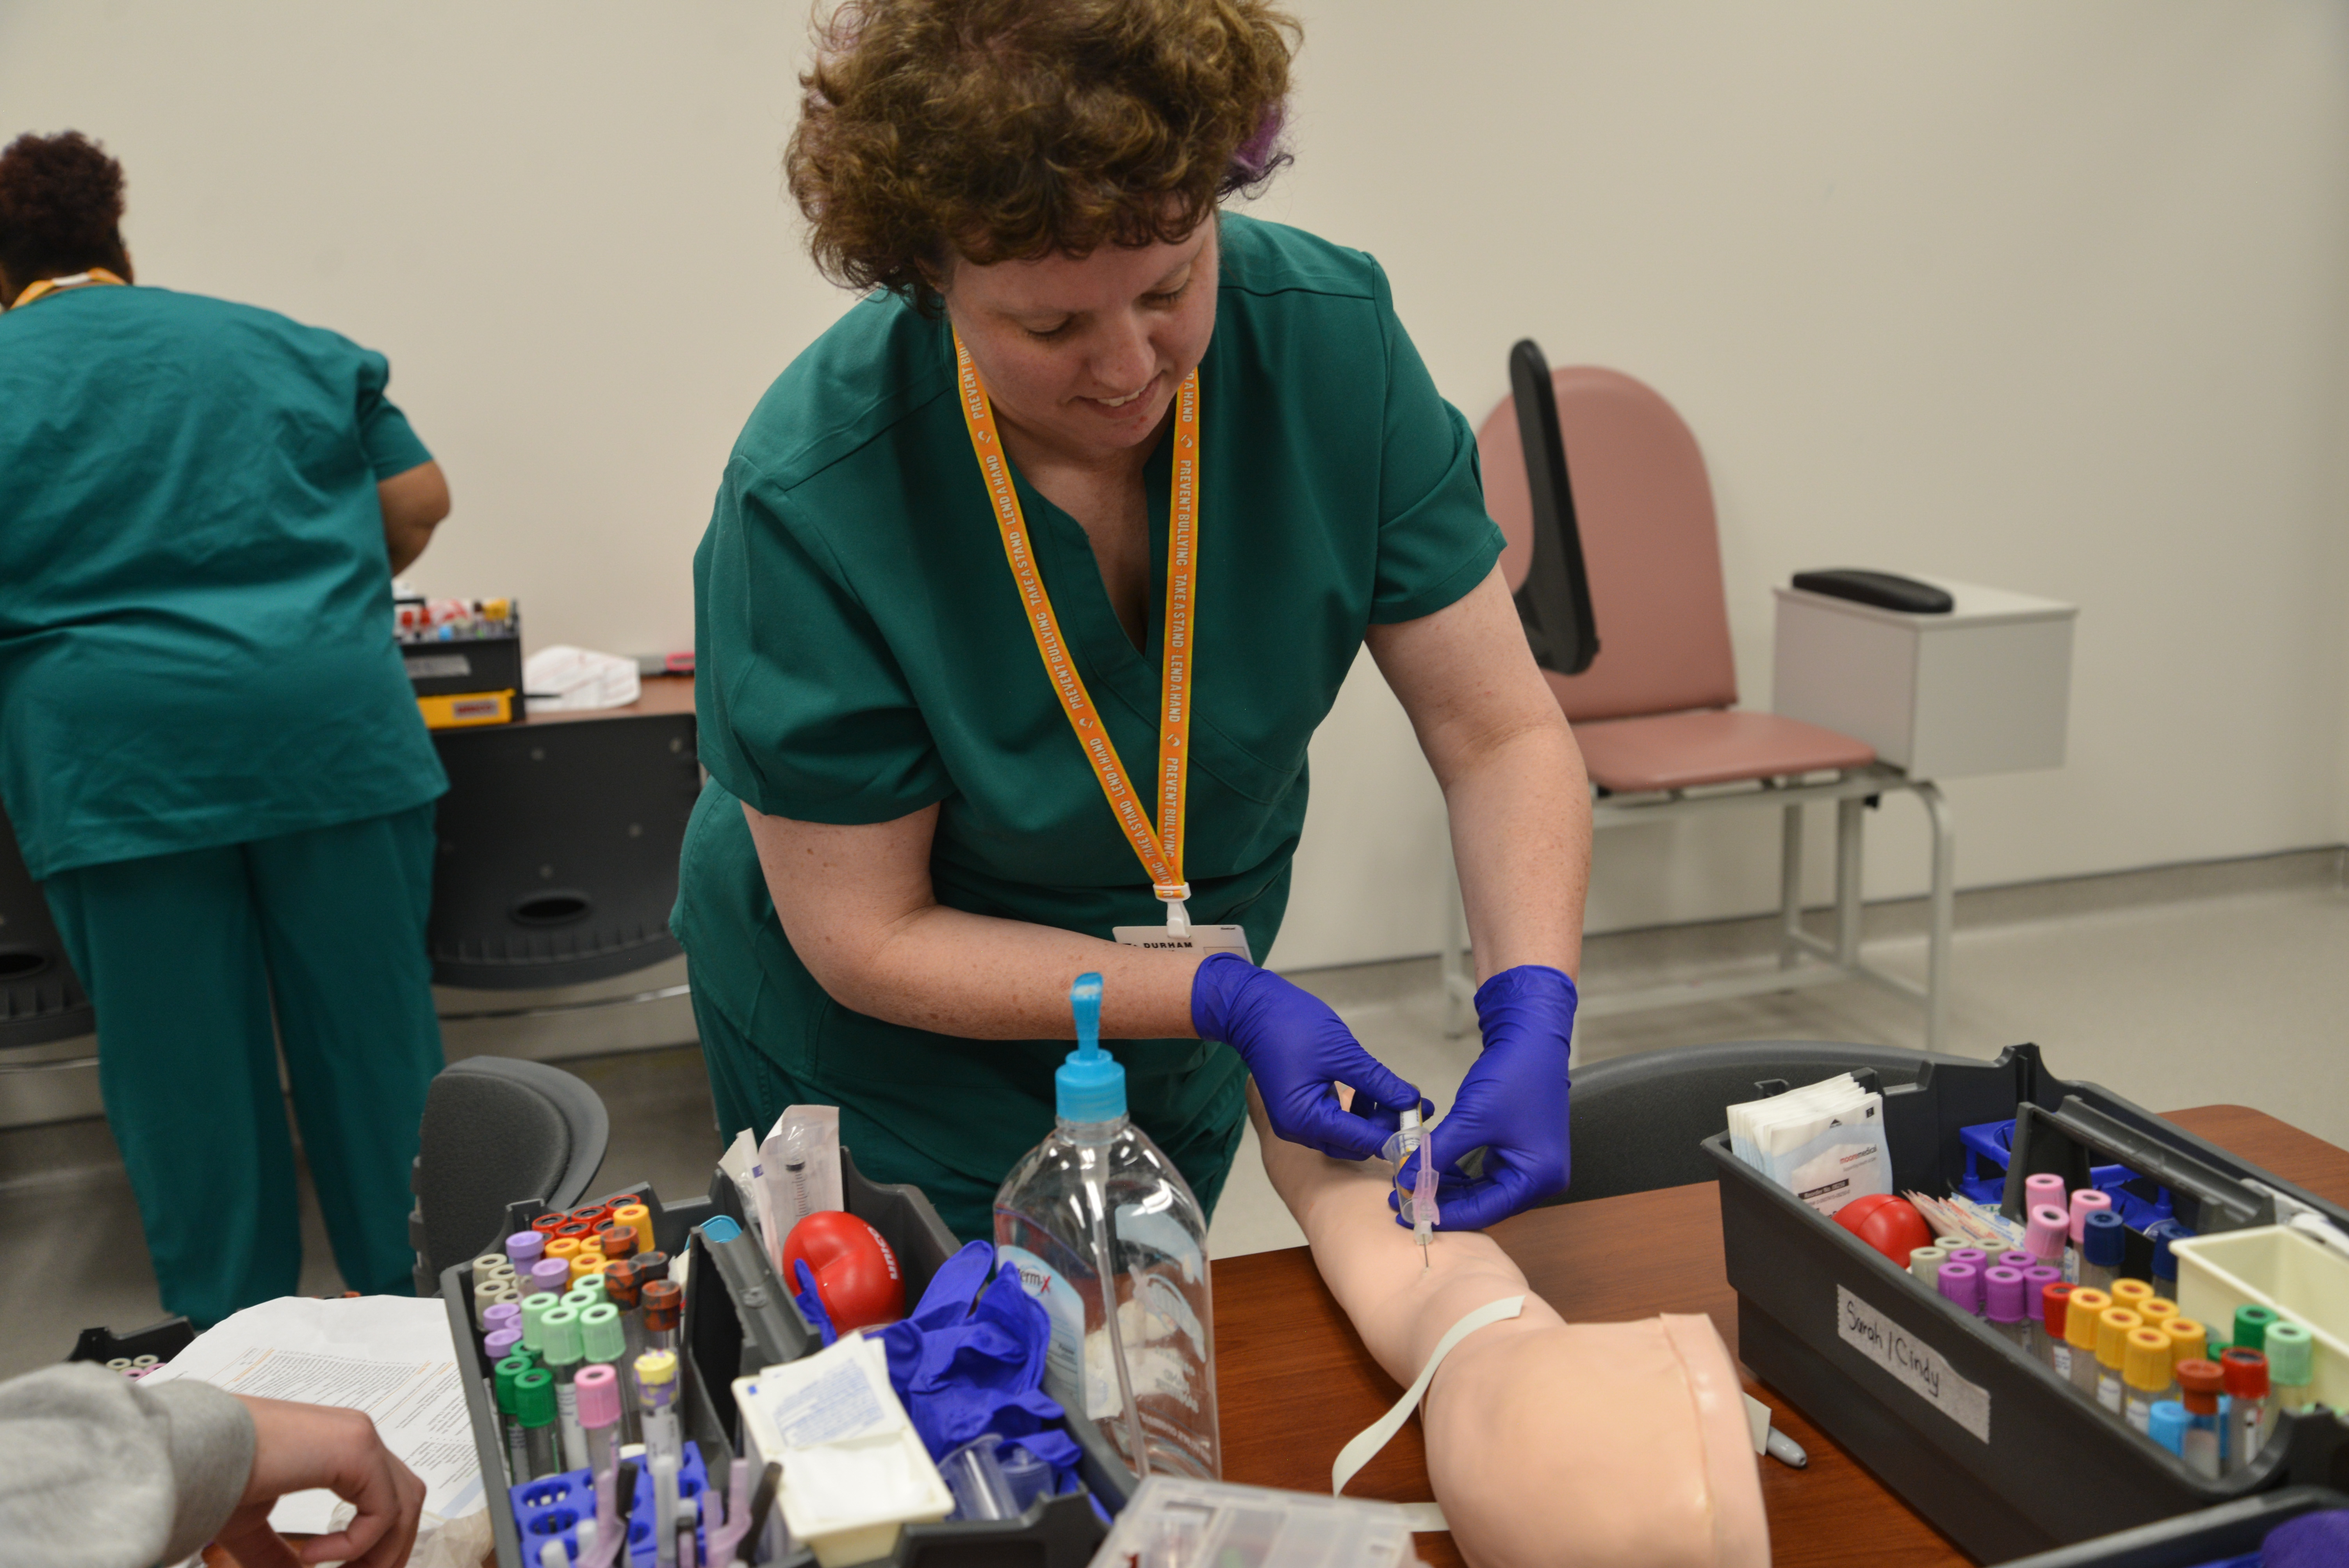 Phlebotomy Continuing Education Program Durham Technical Community